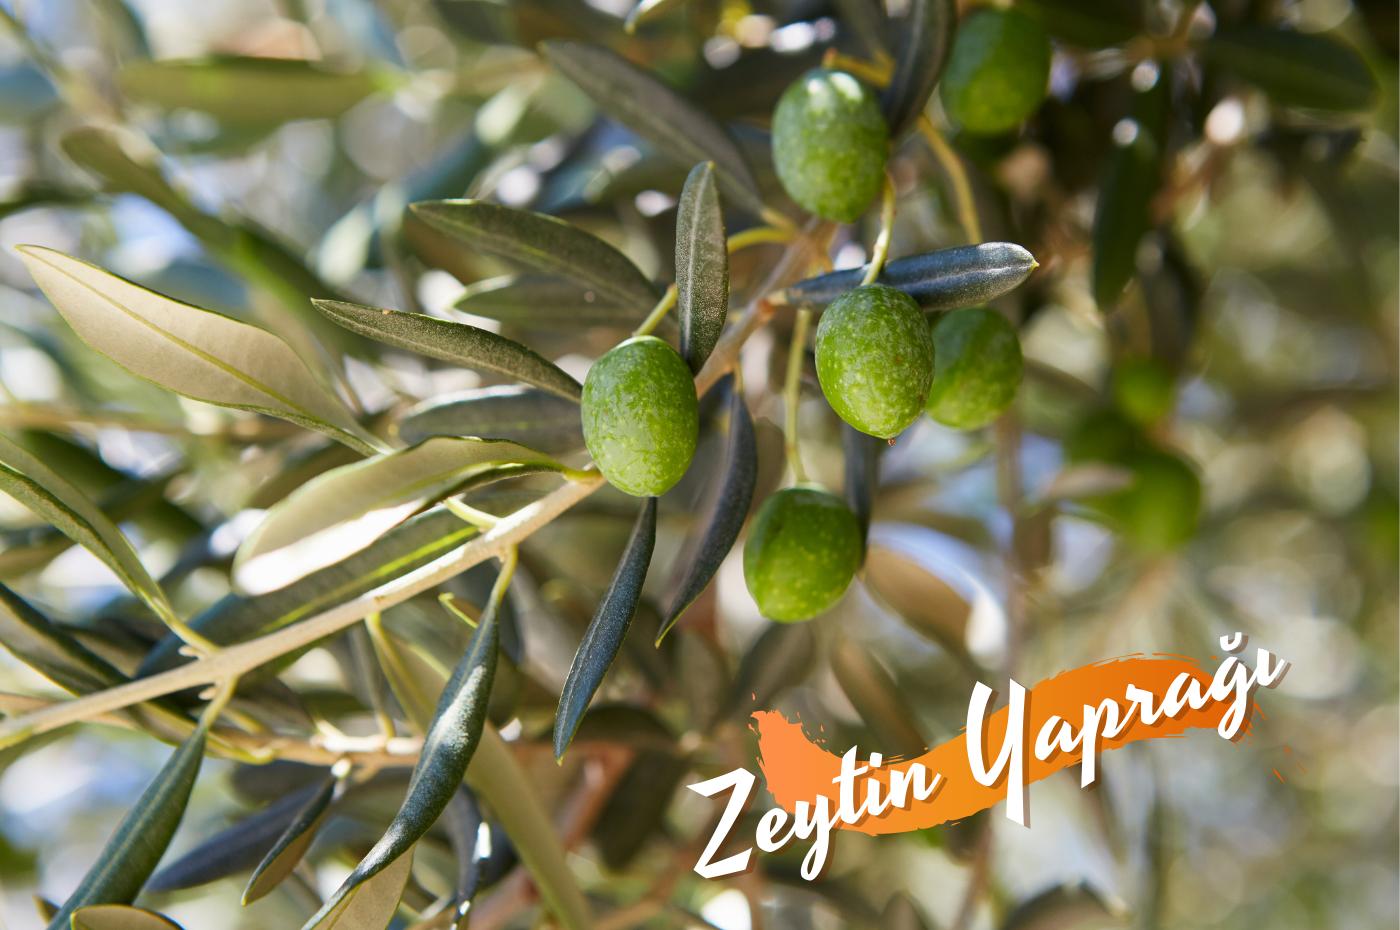 Zeytin yaprağının faydaları. Zeytin yaprağı çayı zayıflatır mı? Zeytin yaprağı nasıl kullanılır? Zeytin yaprağı hangi hastalıklara iyi gelir?